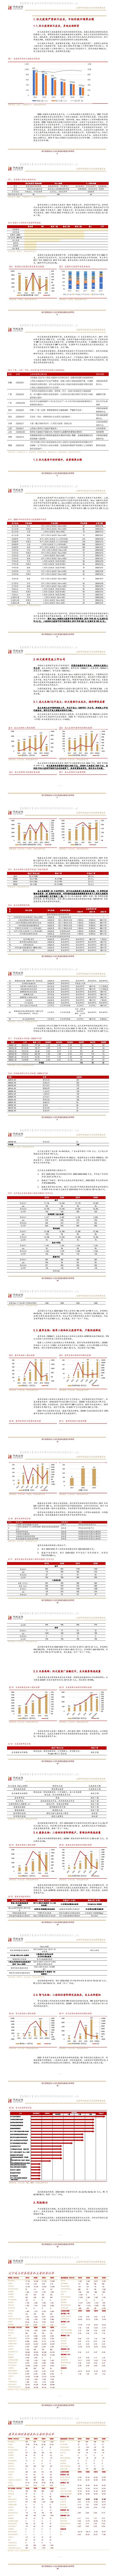 北京旭日市监局:对嗨教网启动查询拜访 背法止为严峻惩办